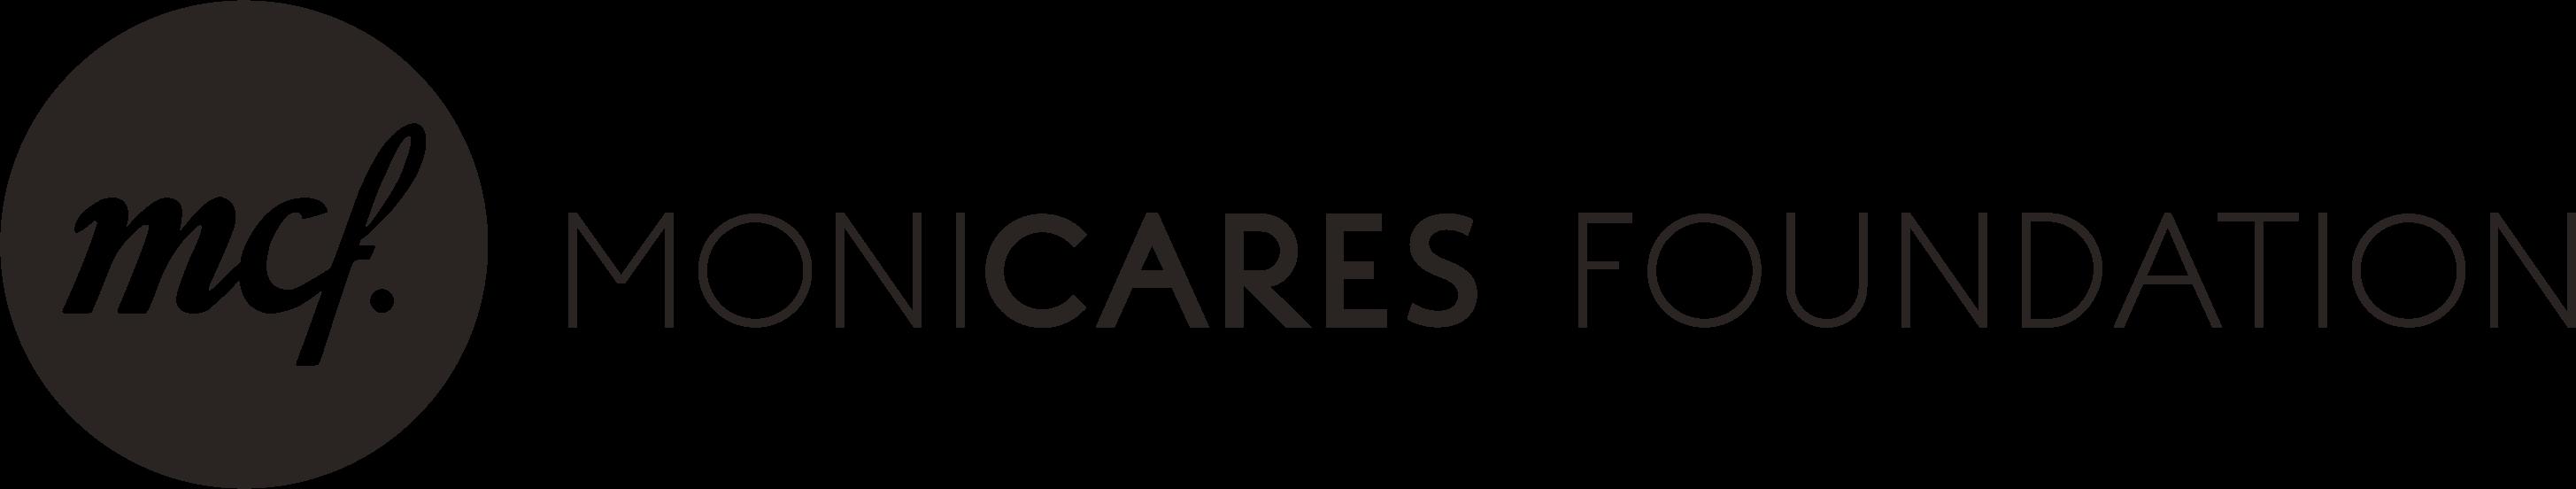 monicares foundation logo